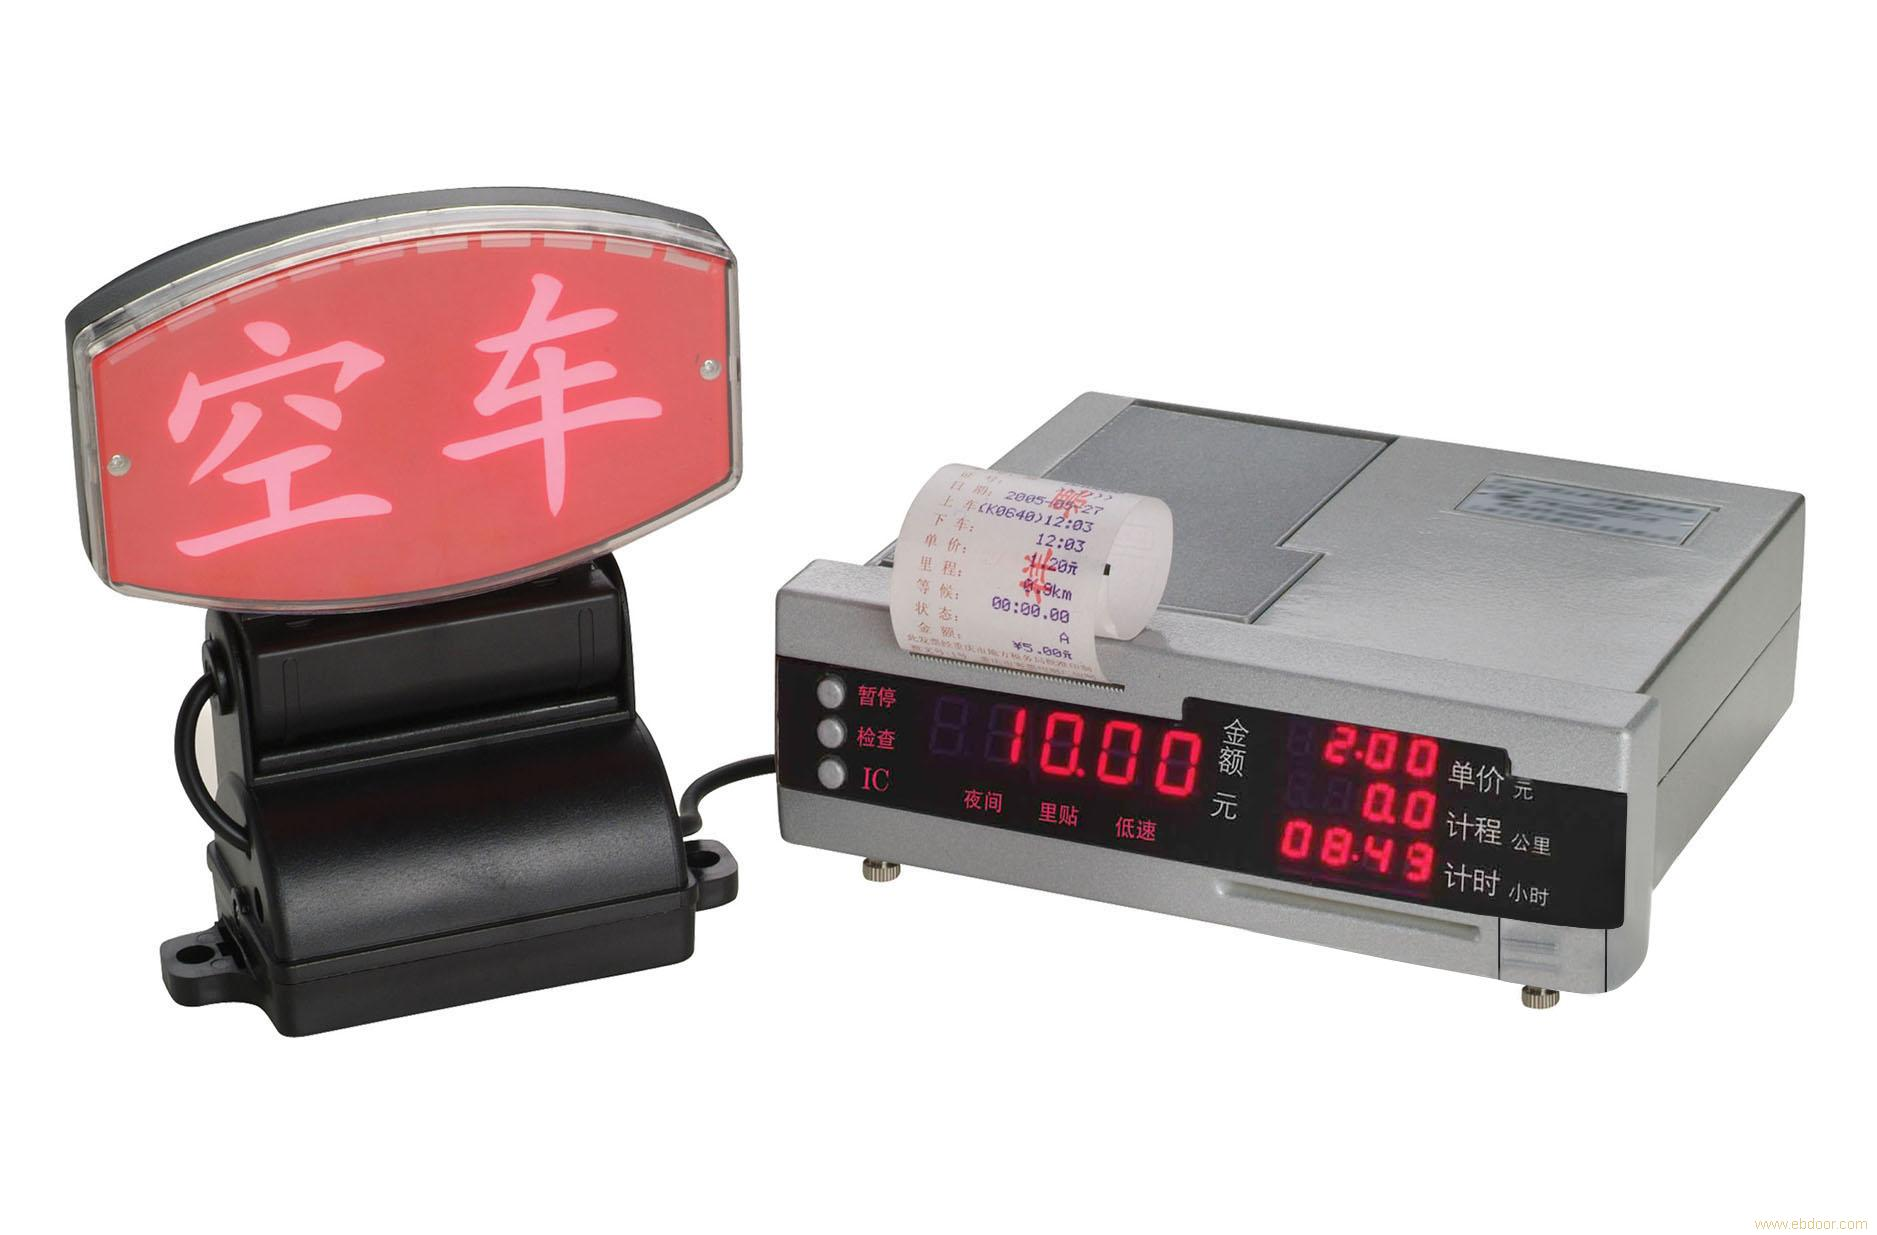 杭州1男子打车花42元质疑计价有猫腻 经测符合标准